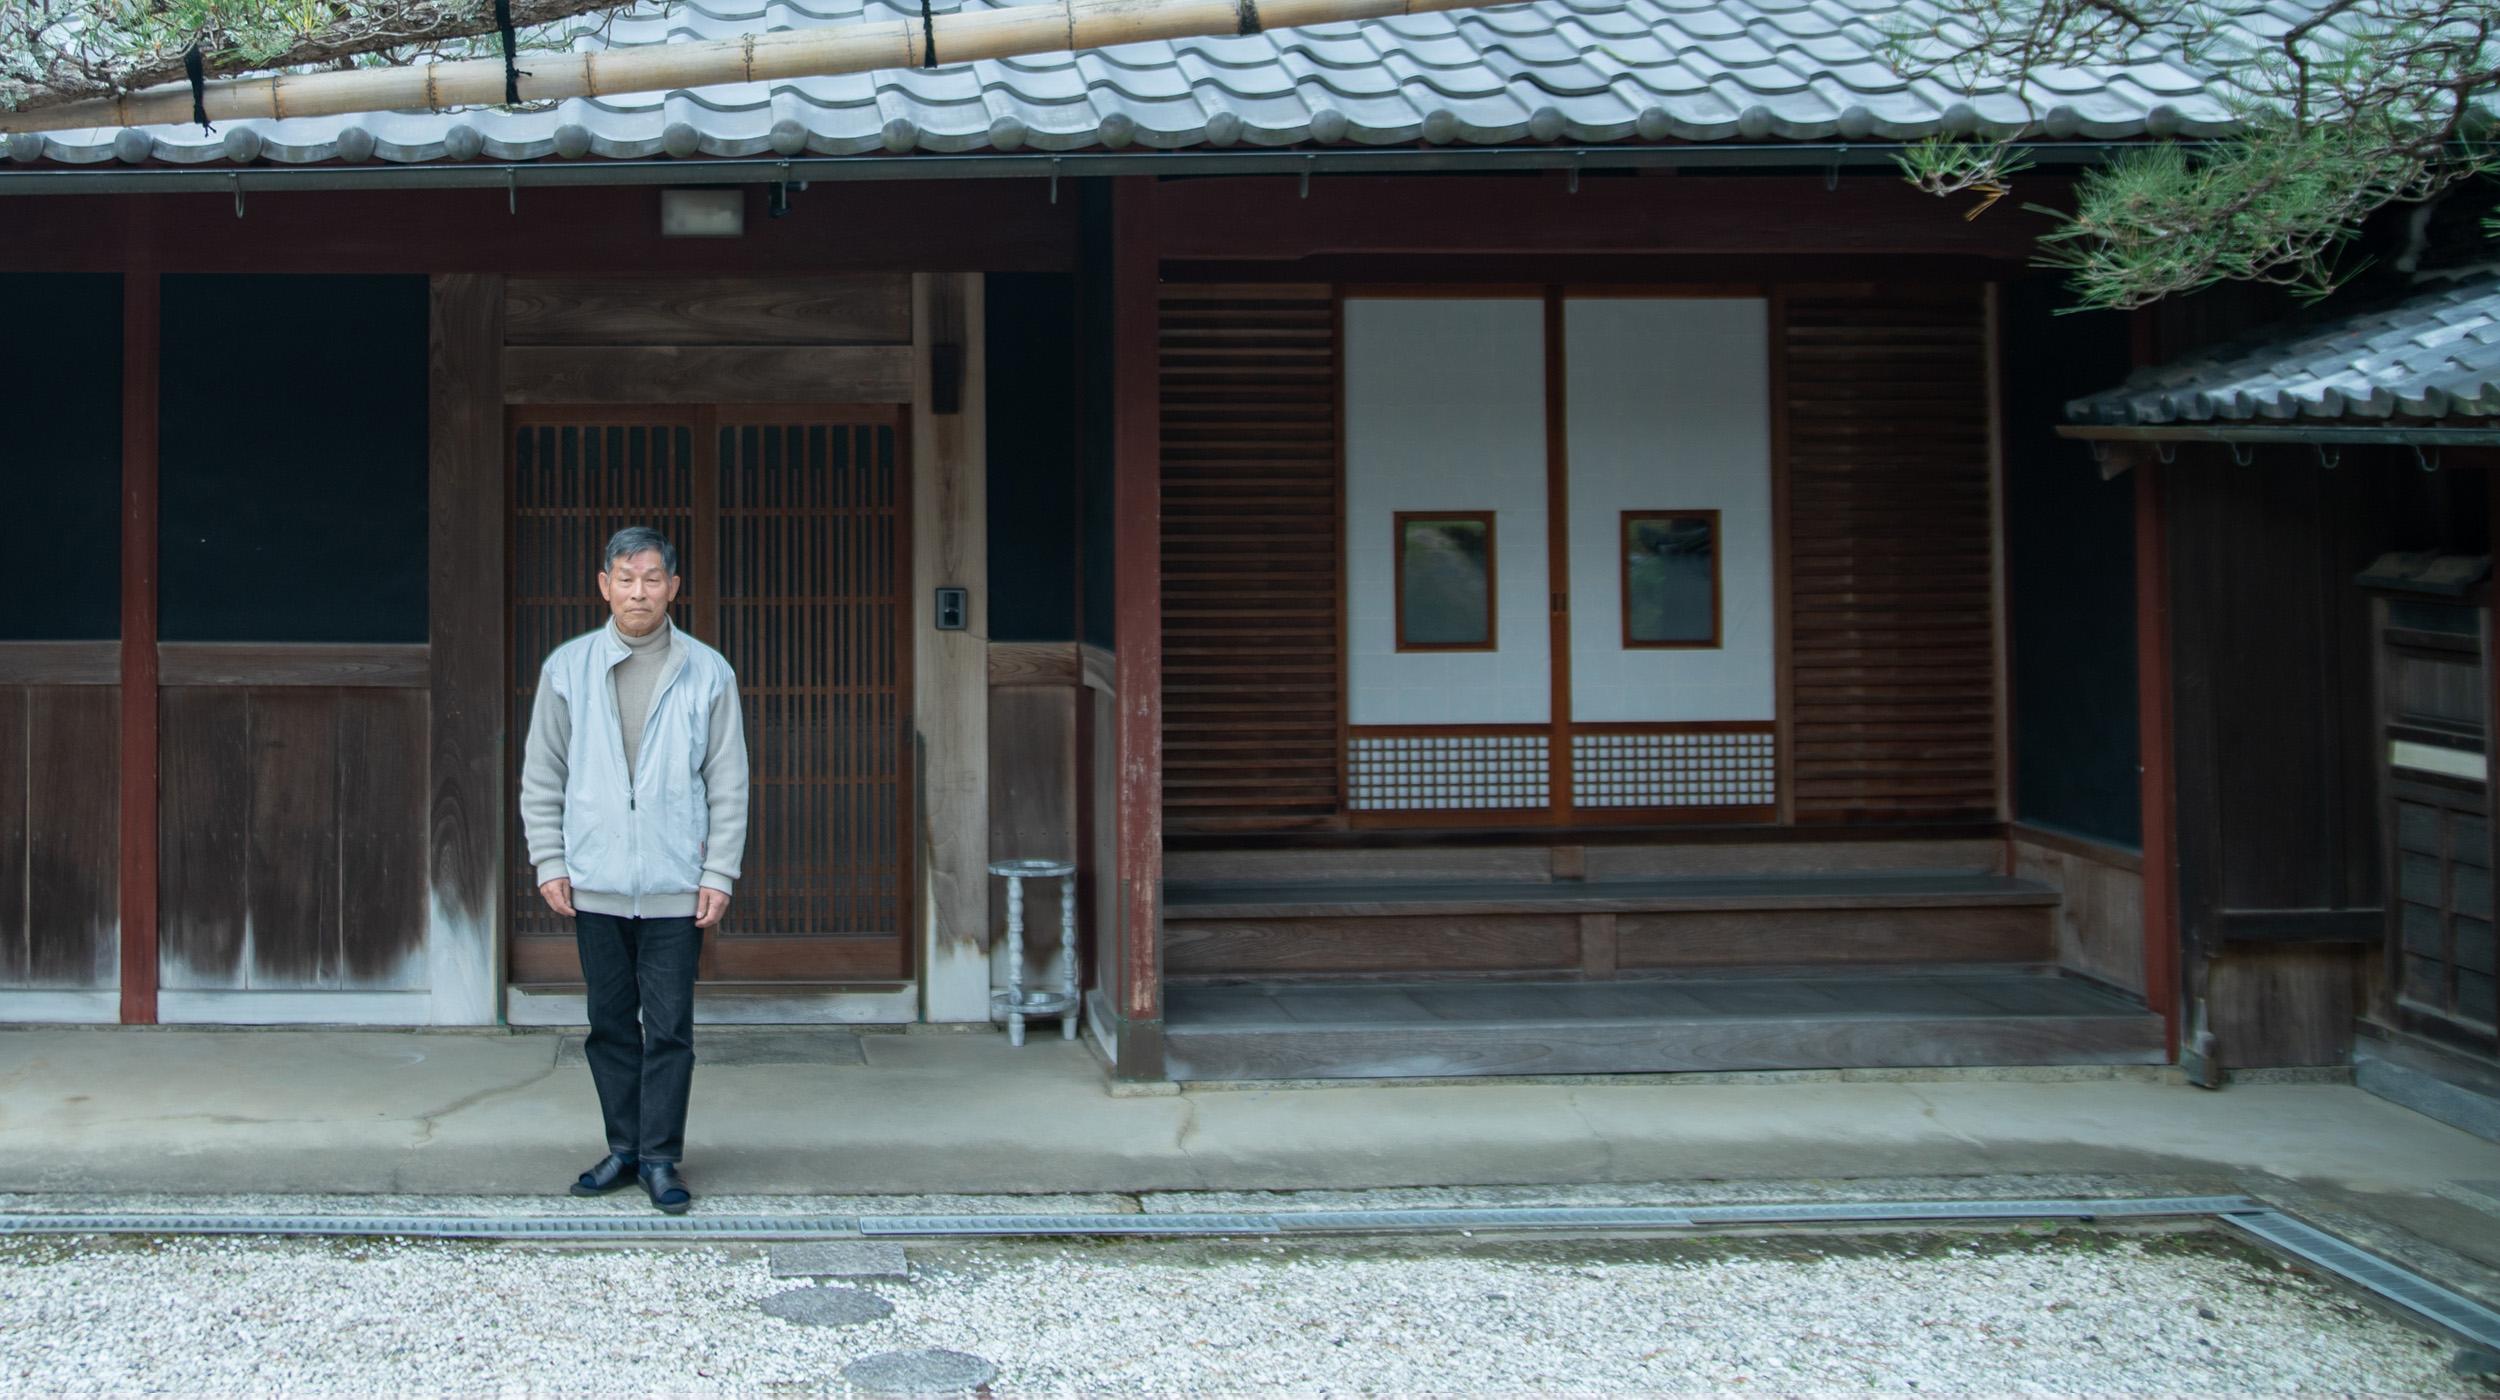 かつて能勢街道沿いにあった天然高野豆腐工場の話 谷林喜久治さん